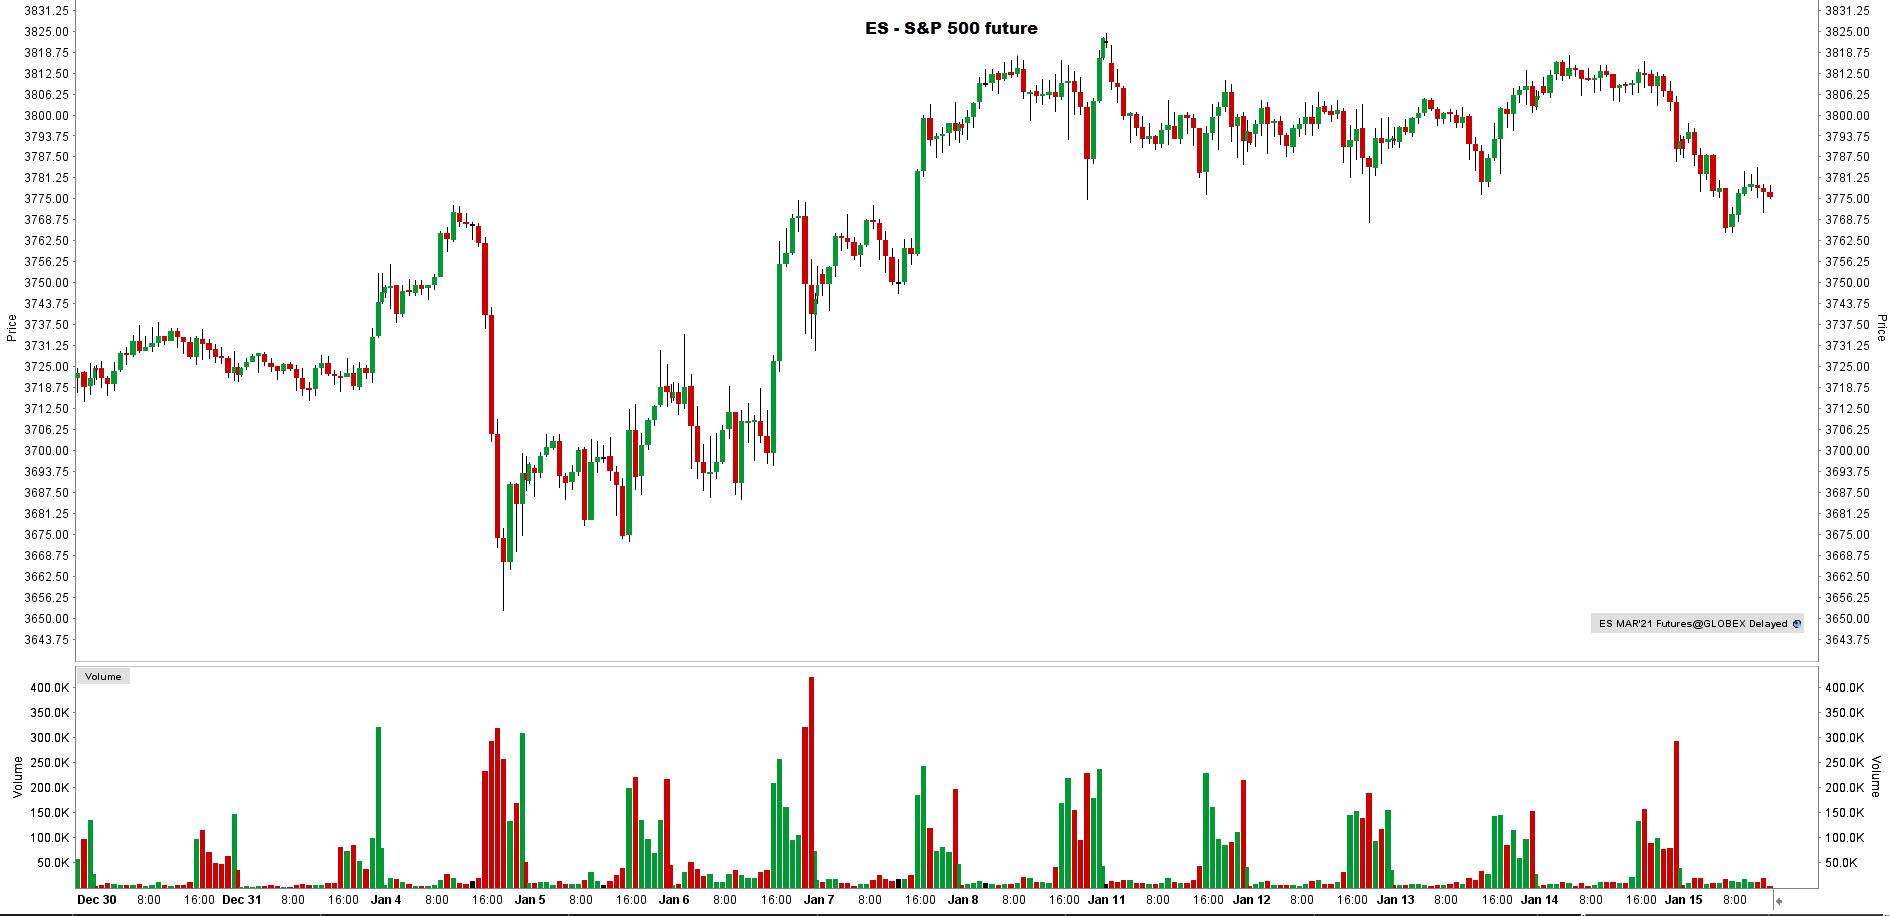 la chronique lynx broker 150121 final - graphique S&P 500